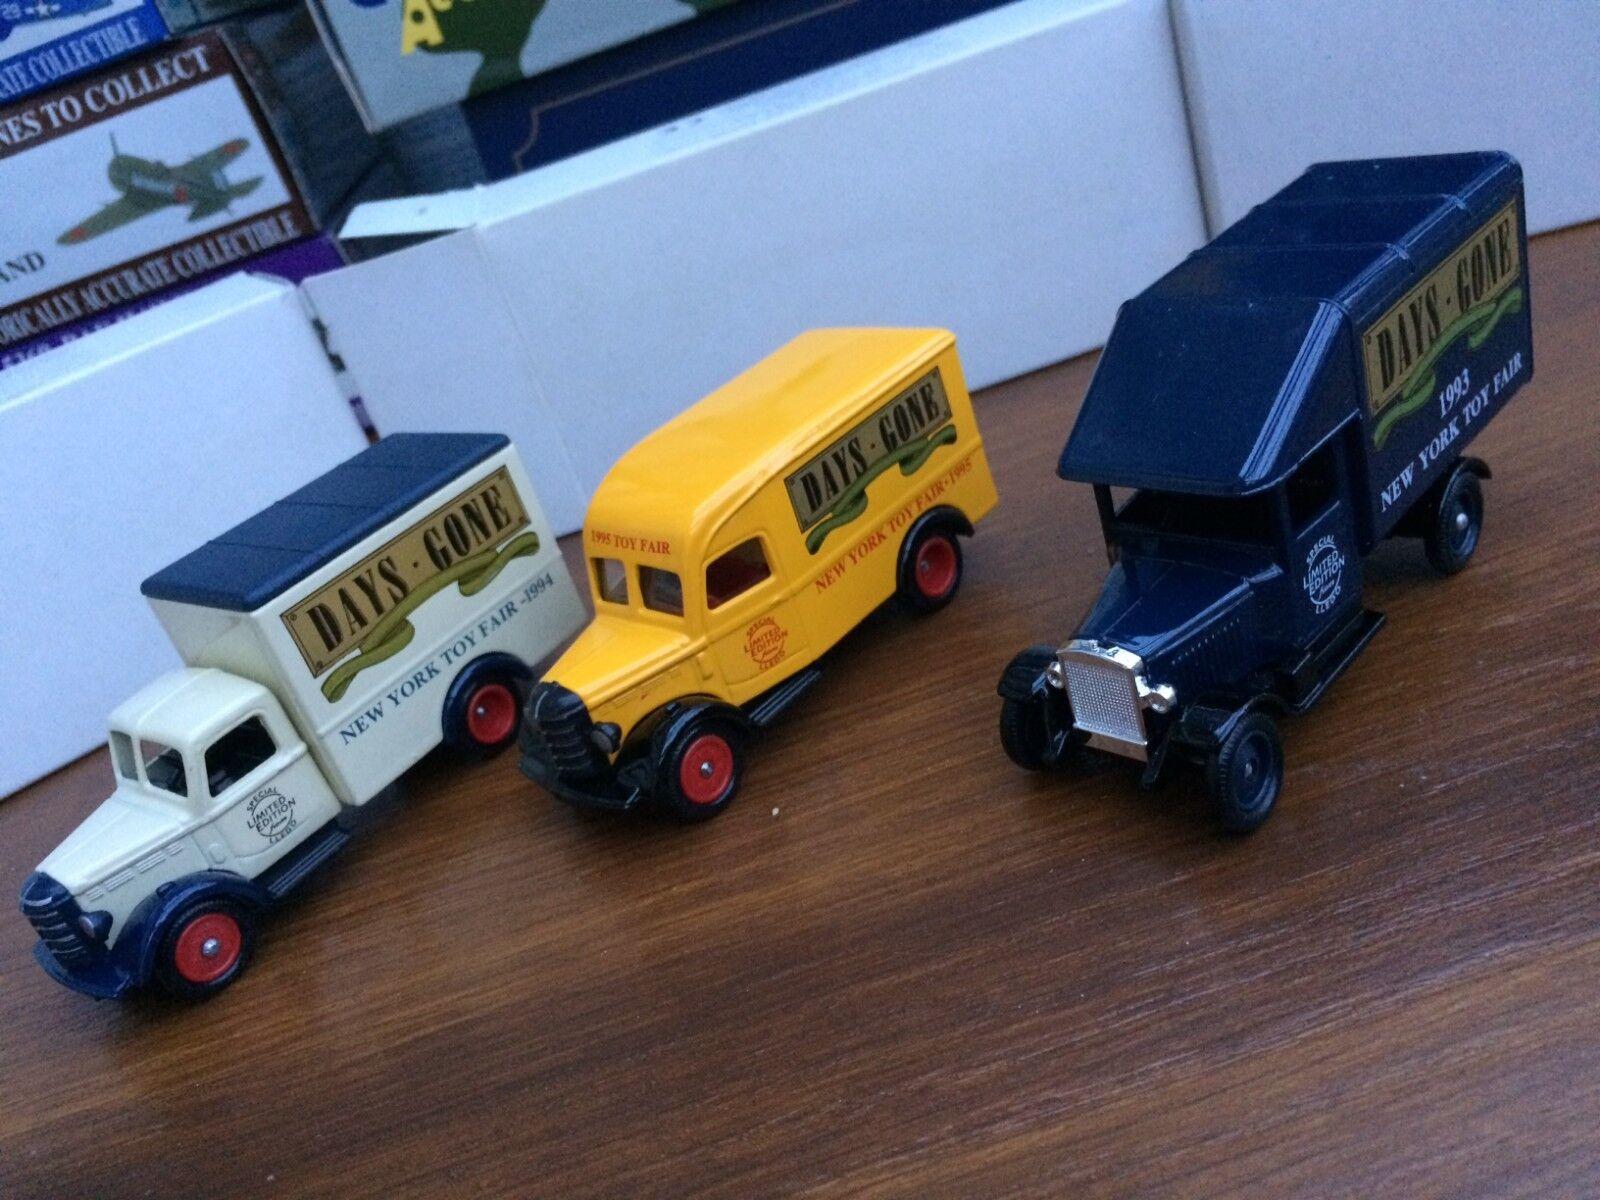 servicio de primera clase Lledo DG52008a DG59010a DG63010a Nueva Nueva Nueva York Juguete Fair Morris & modelos de camiones Bedford  marcas en línea venta barata